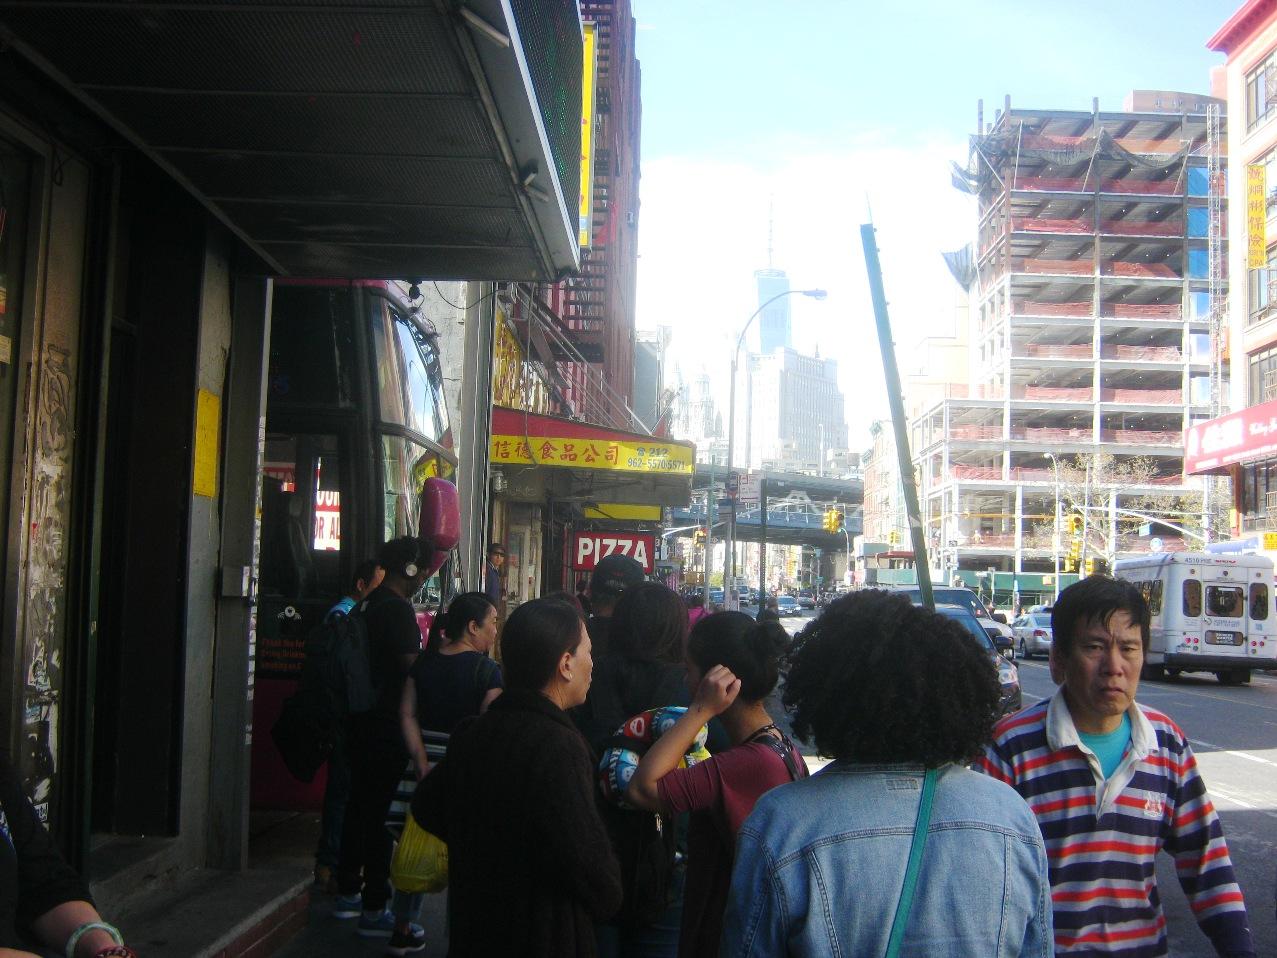 バス発着所。遠くに新ワールドトレードセンター。